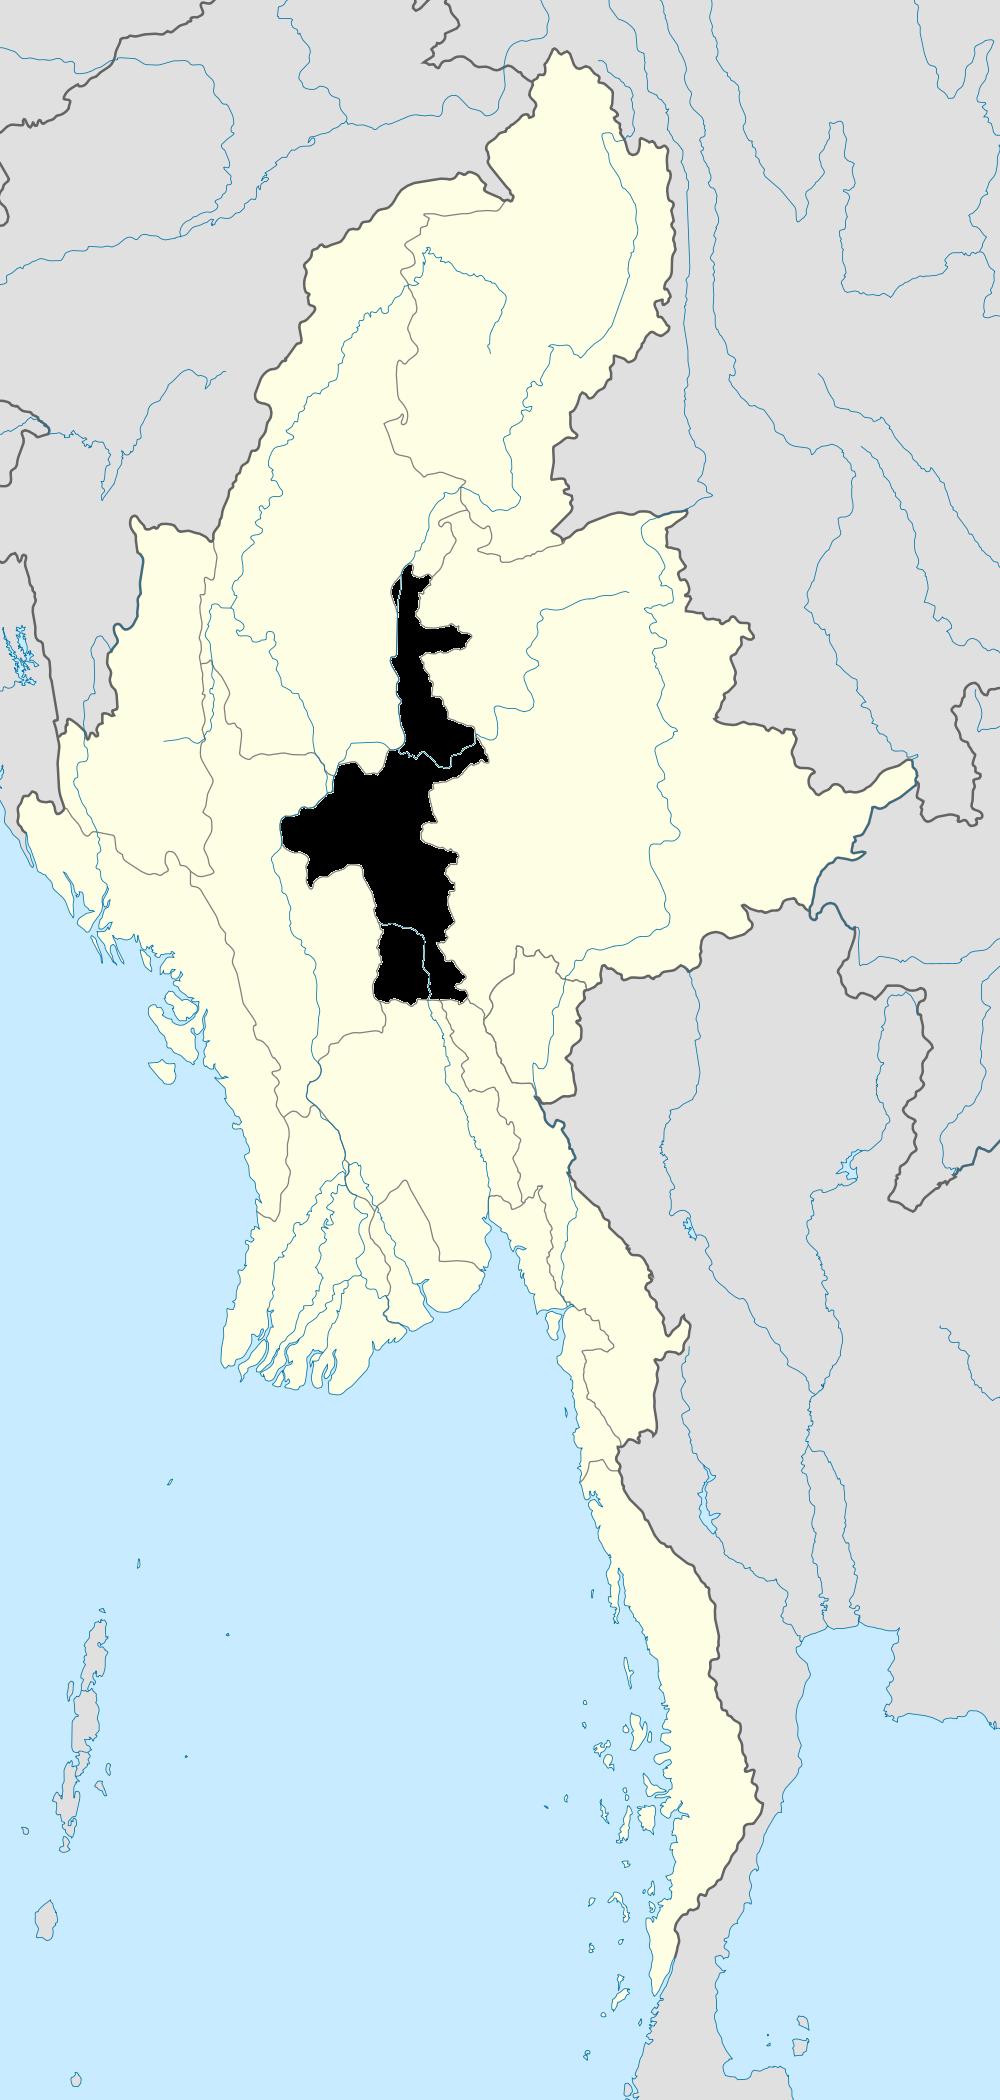 FileBurma Mandalay locator mappng Wikimedia Commons